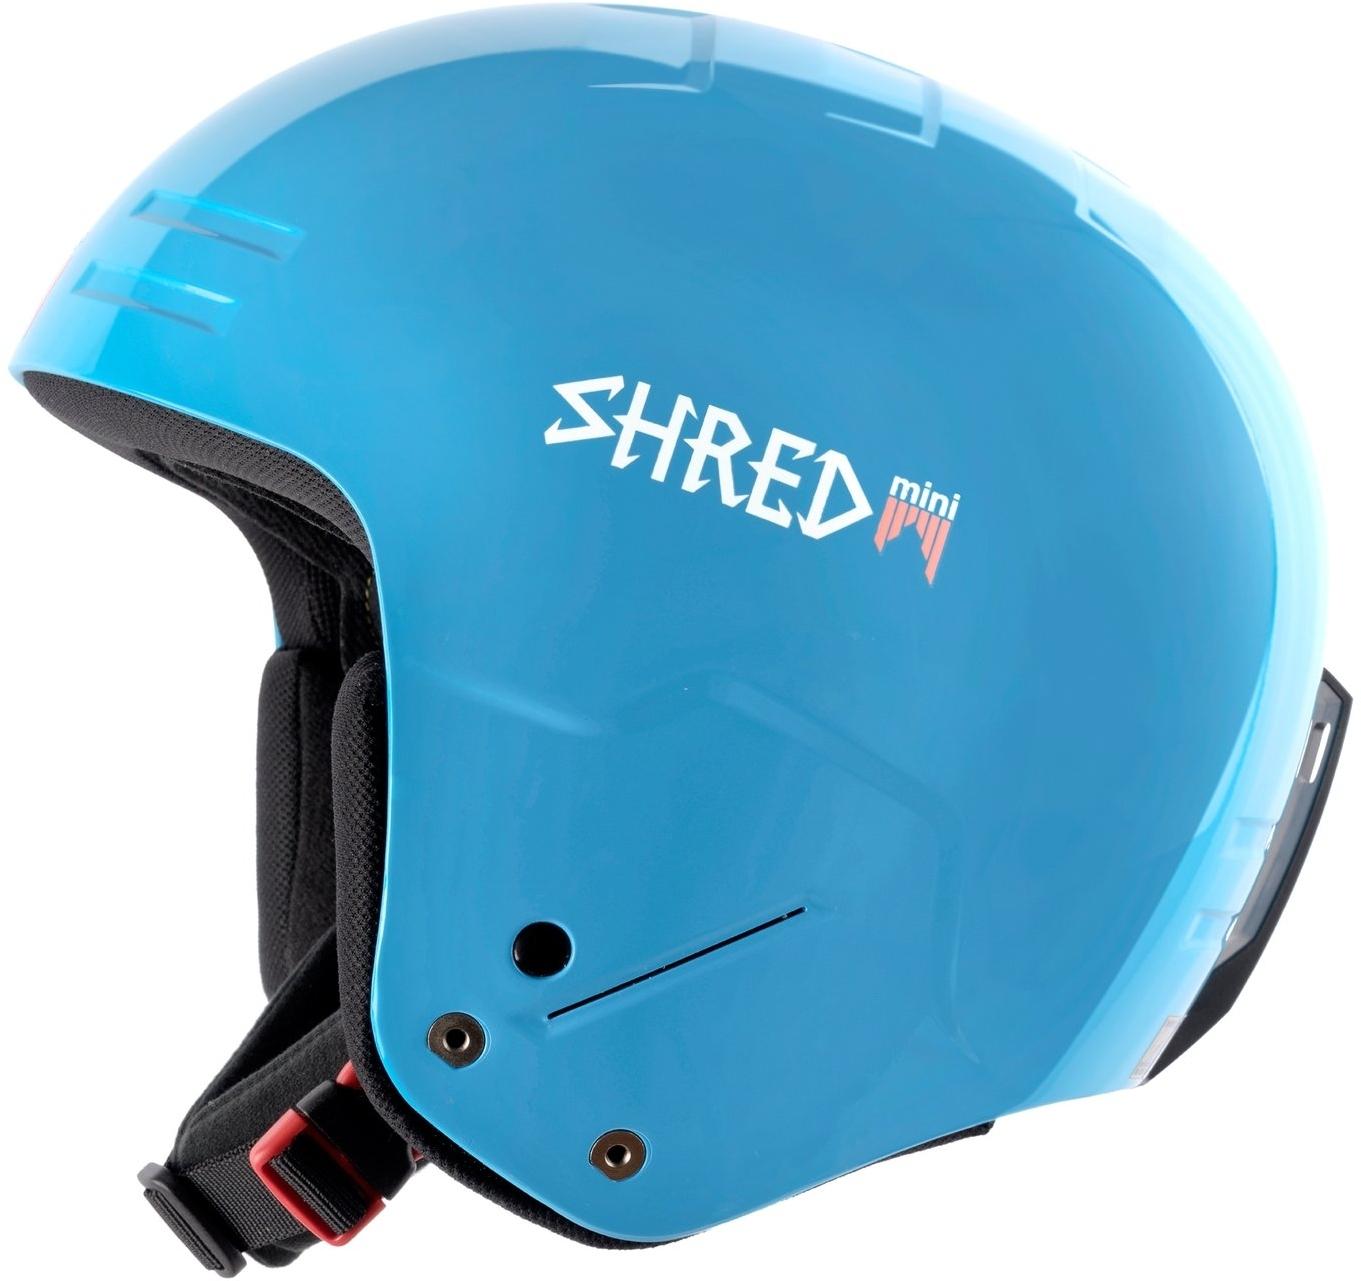 Shred Basher Mini Skyward S